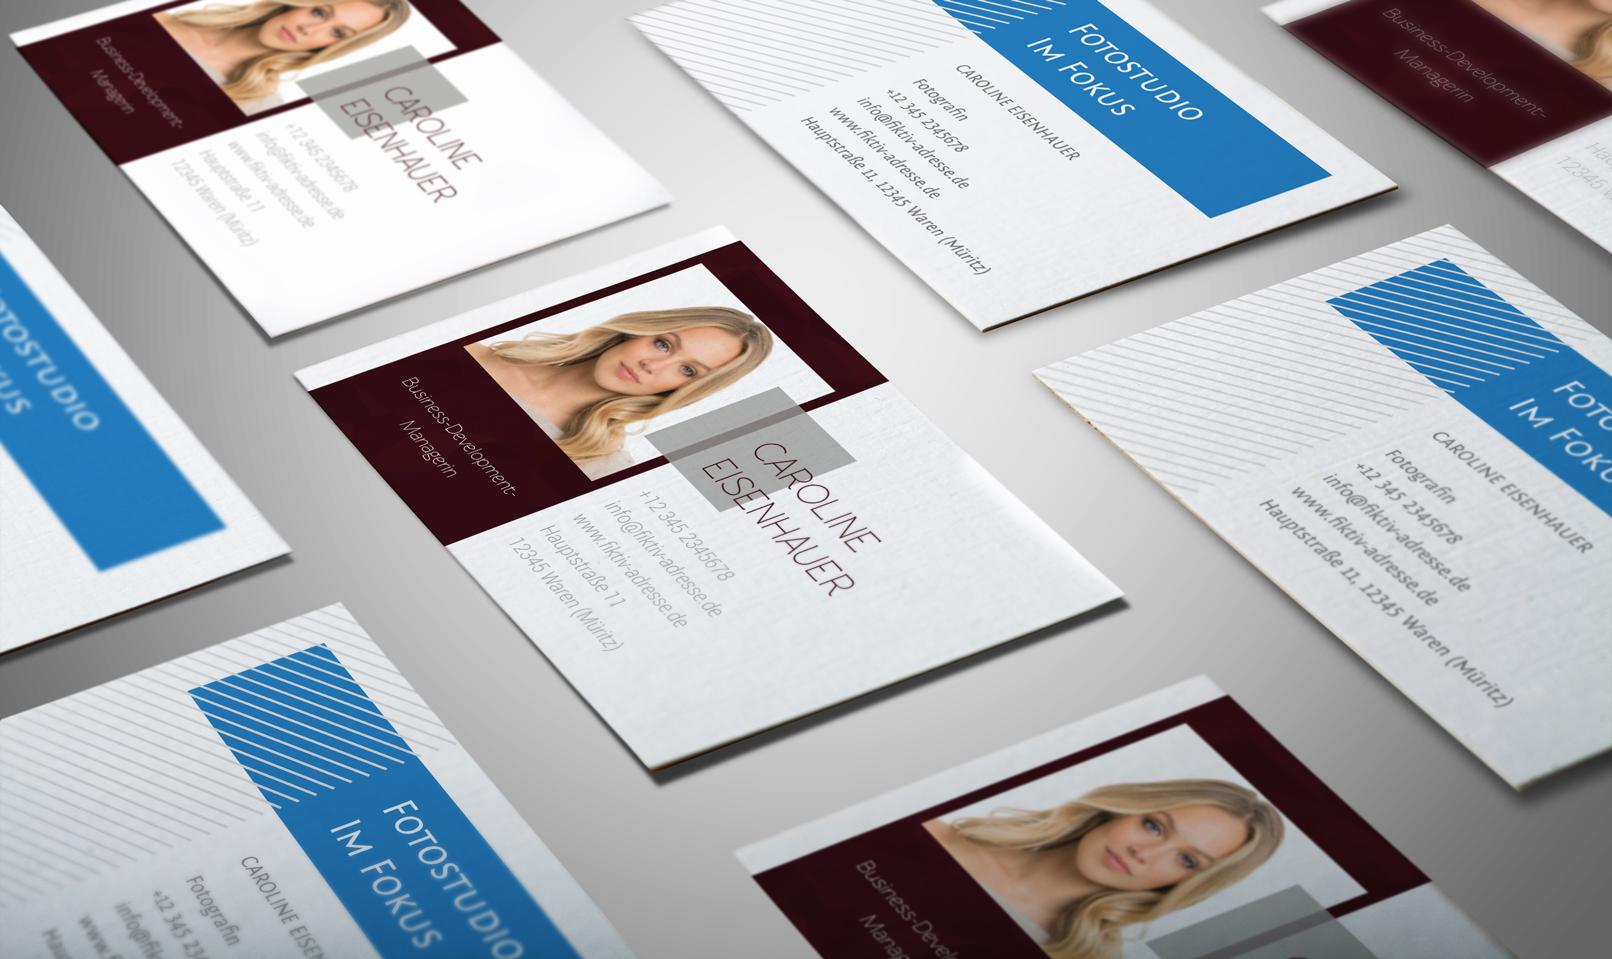 Beispiele der Design-Vorlagen für Visitenkarten